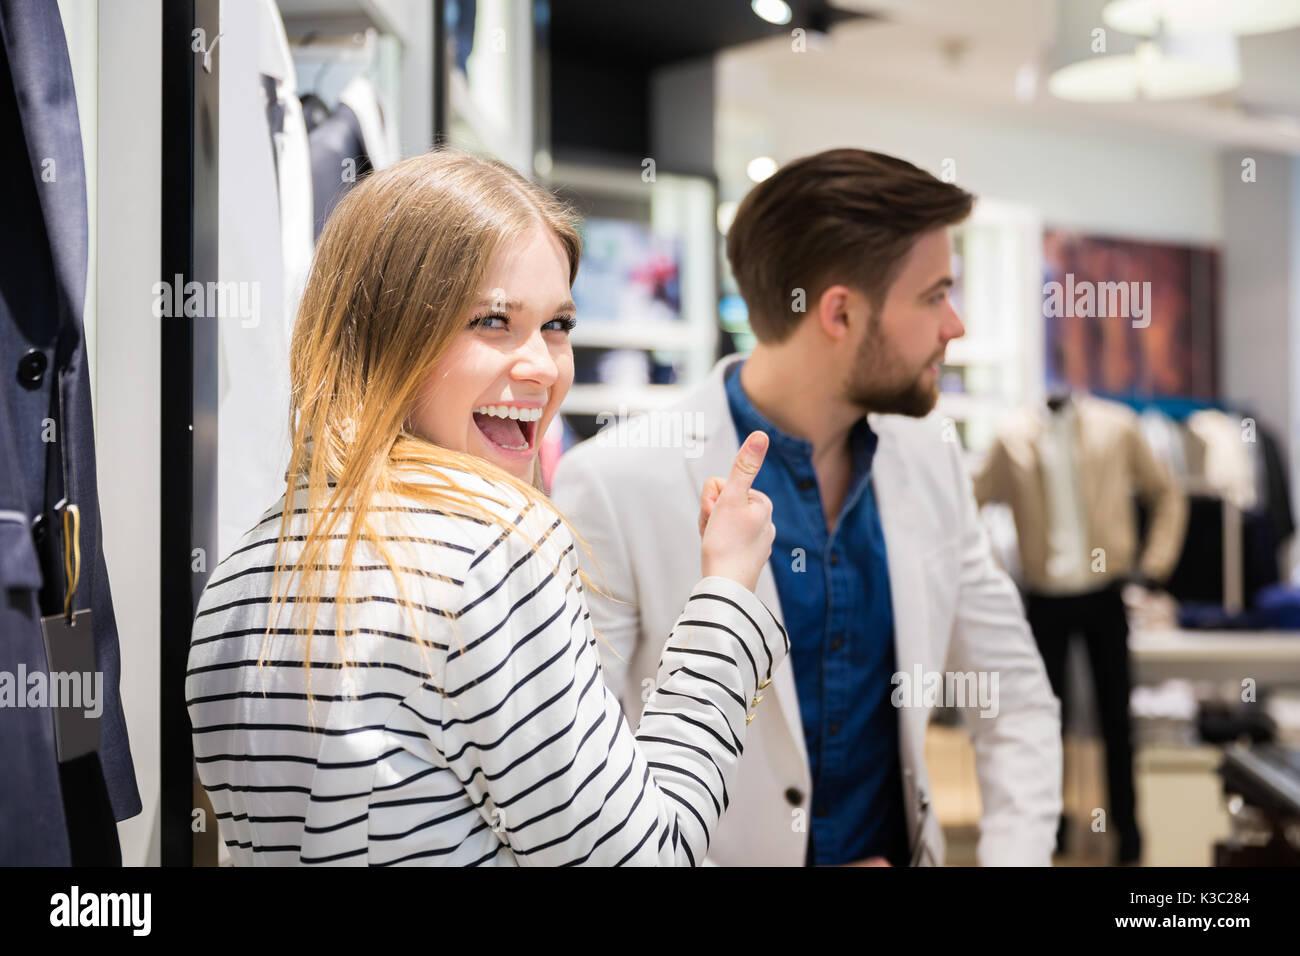 Una foto de la joven pareja en la boutique. La chica simplemente recogió una chaqueta de su novio. Imagen De Stock